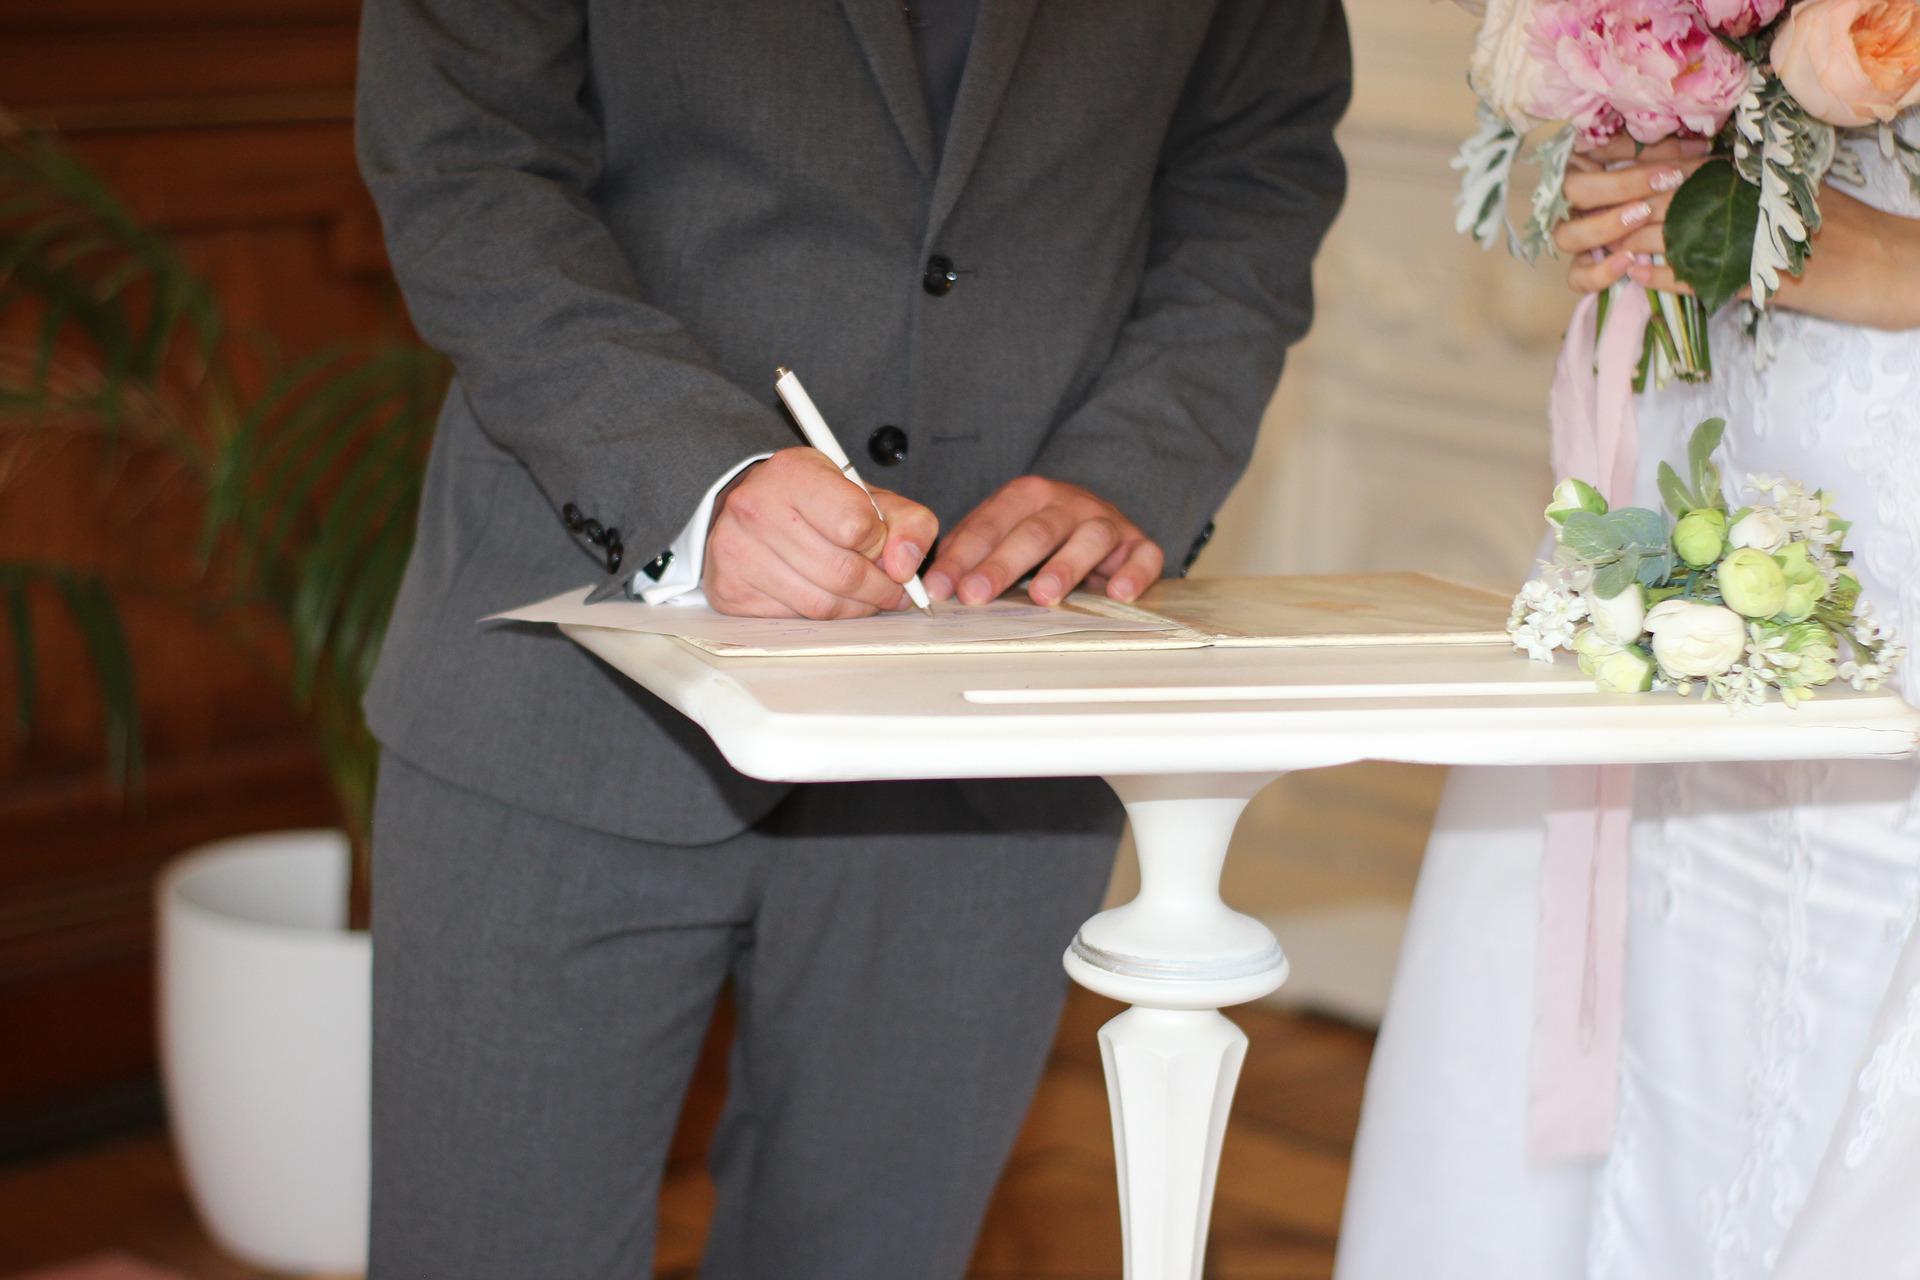 Śluby i wesela w powiecie kolbuszowskim odwołane lub przekładane  - Zdjęcie główne